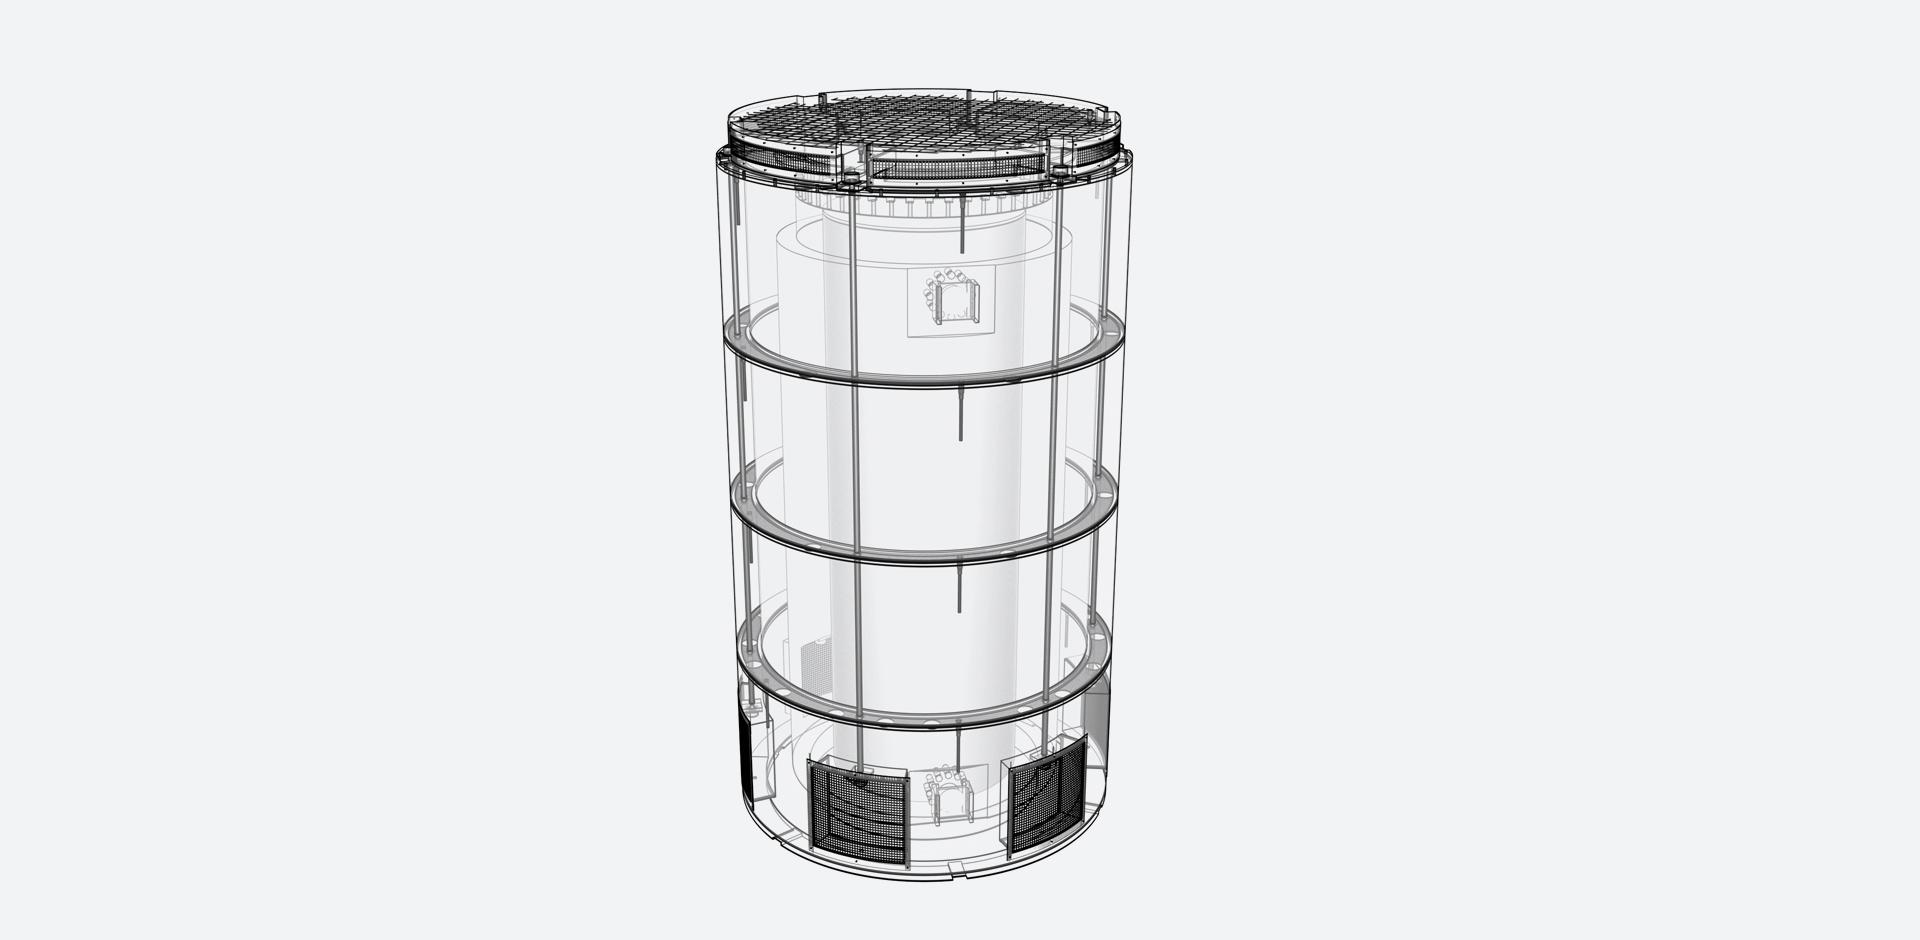 El Consejo de Ministros autoriza la fabricación de 44 nuevos contenedores de combustible nuclear gastado que incluyen nuestra patente MAB (Módulo Auxiliar de Blindaje).